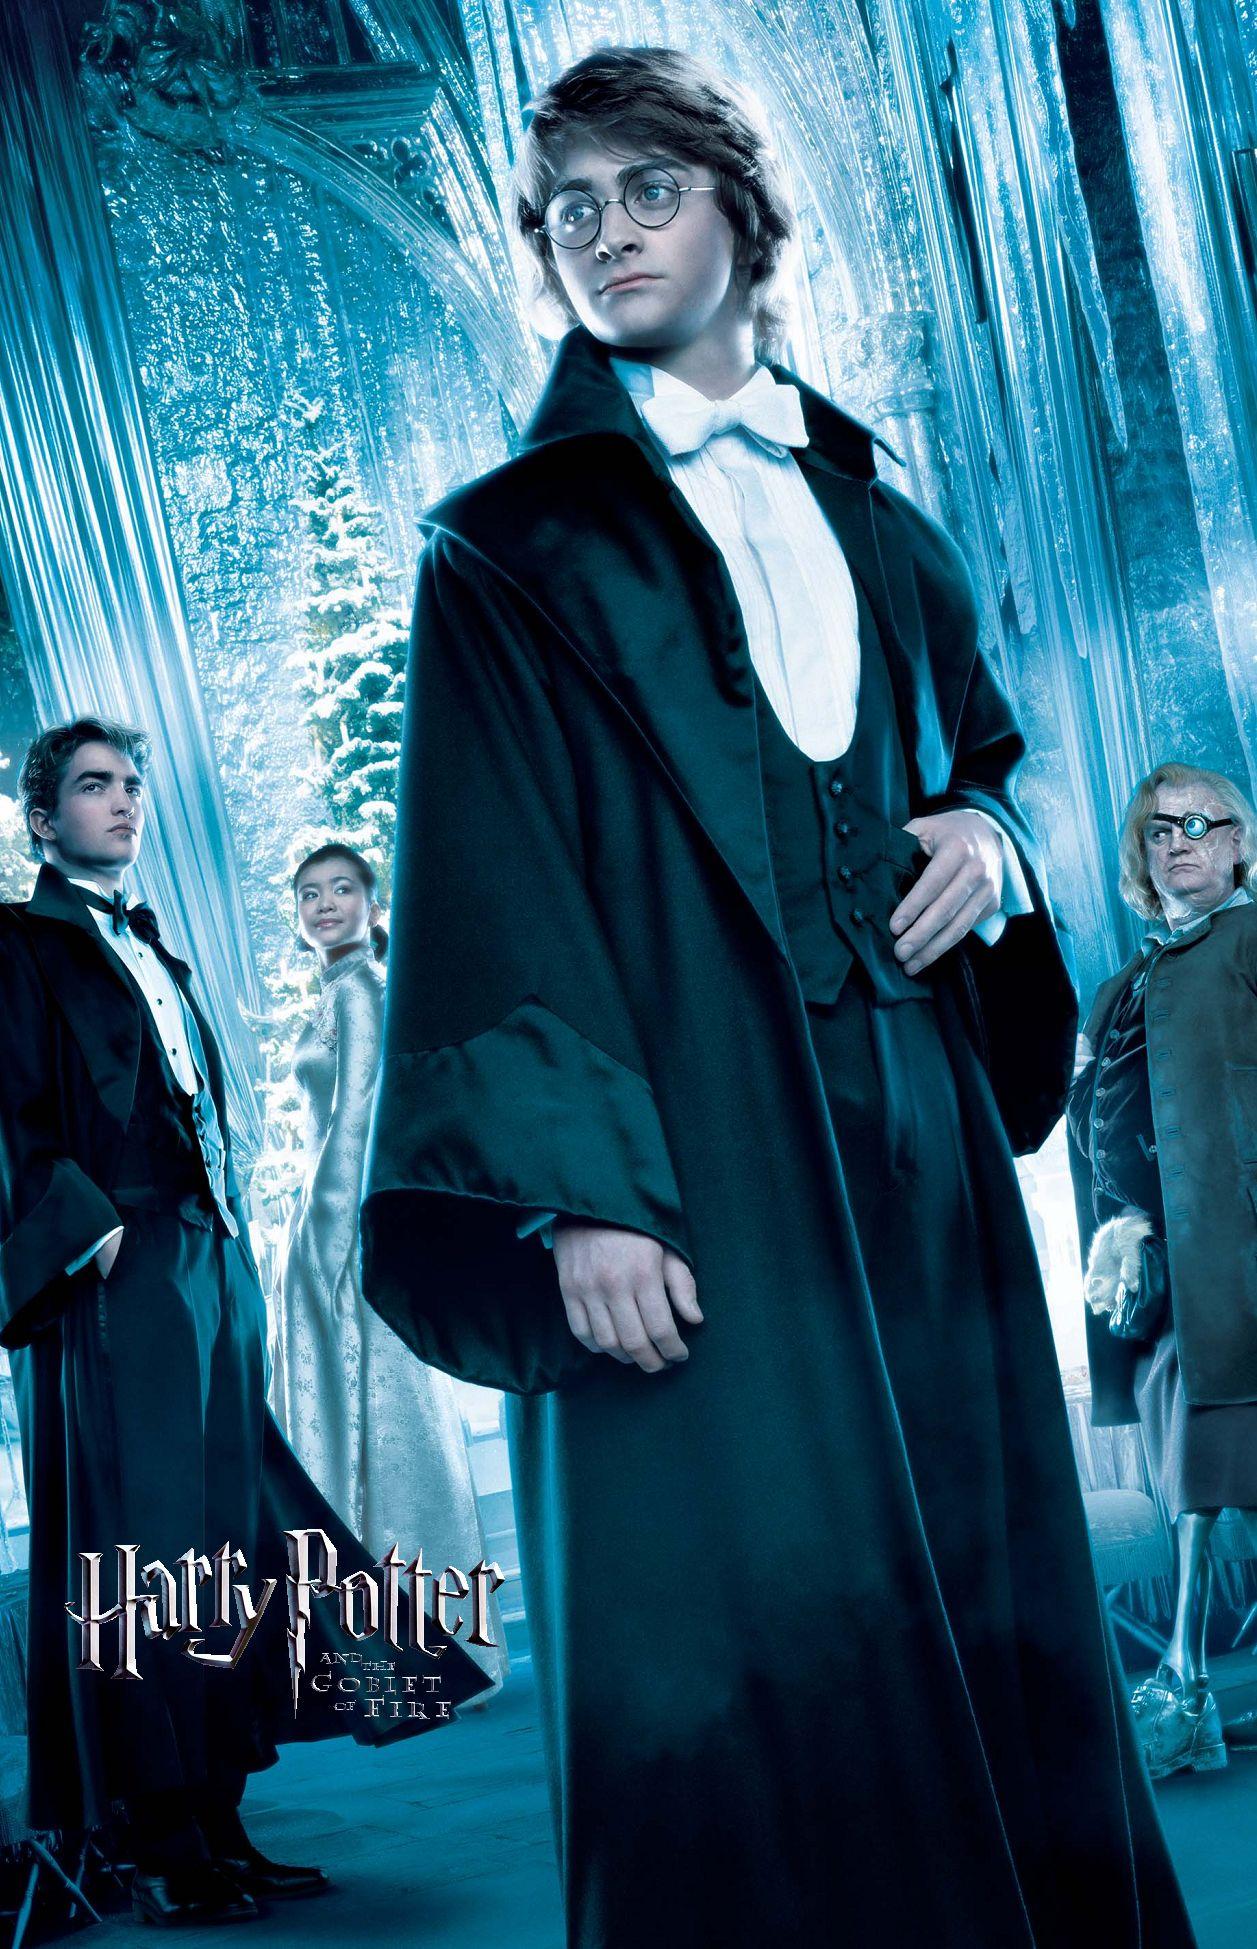 Гарри Поттер 4 часть смотреть онлайн в хорошем HD 720p.